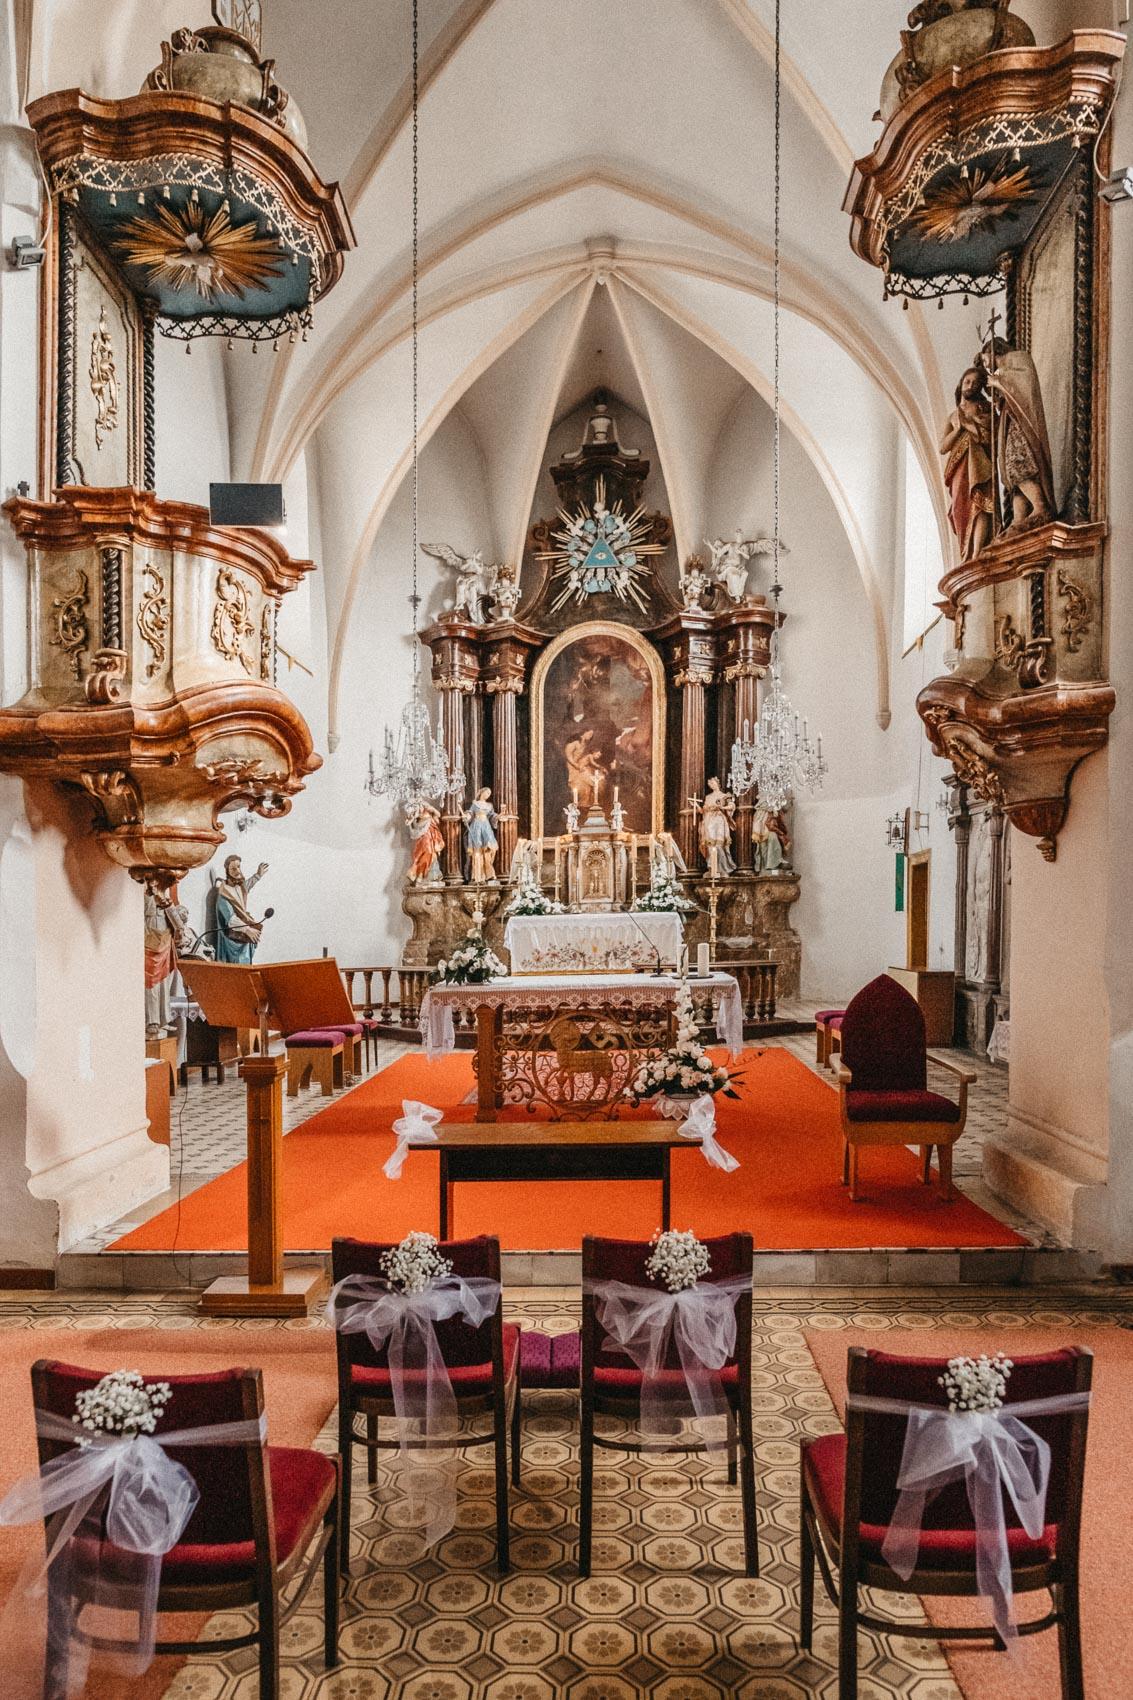 církevní obřad